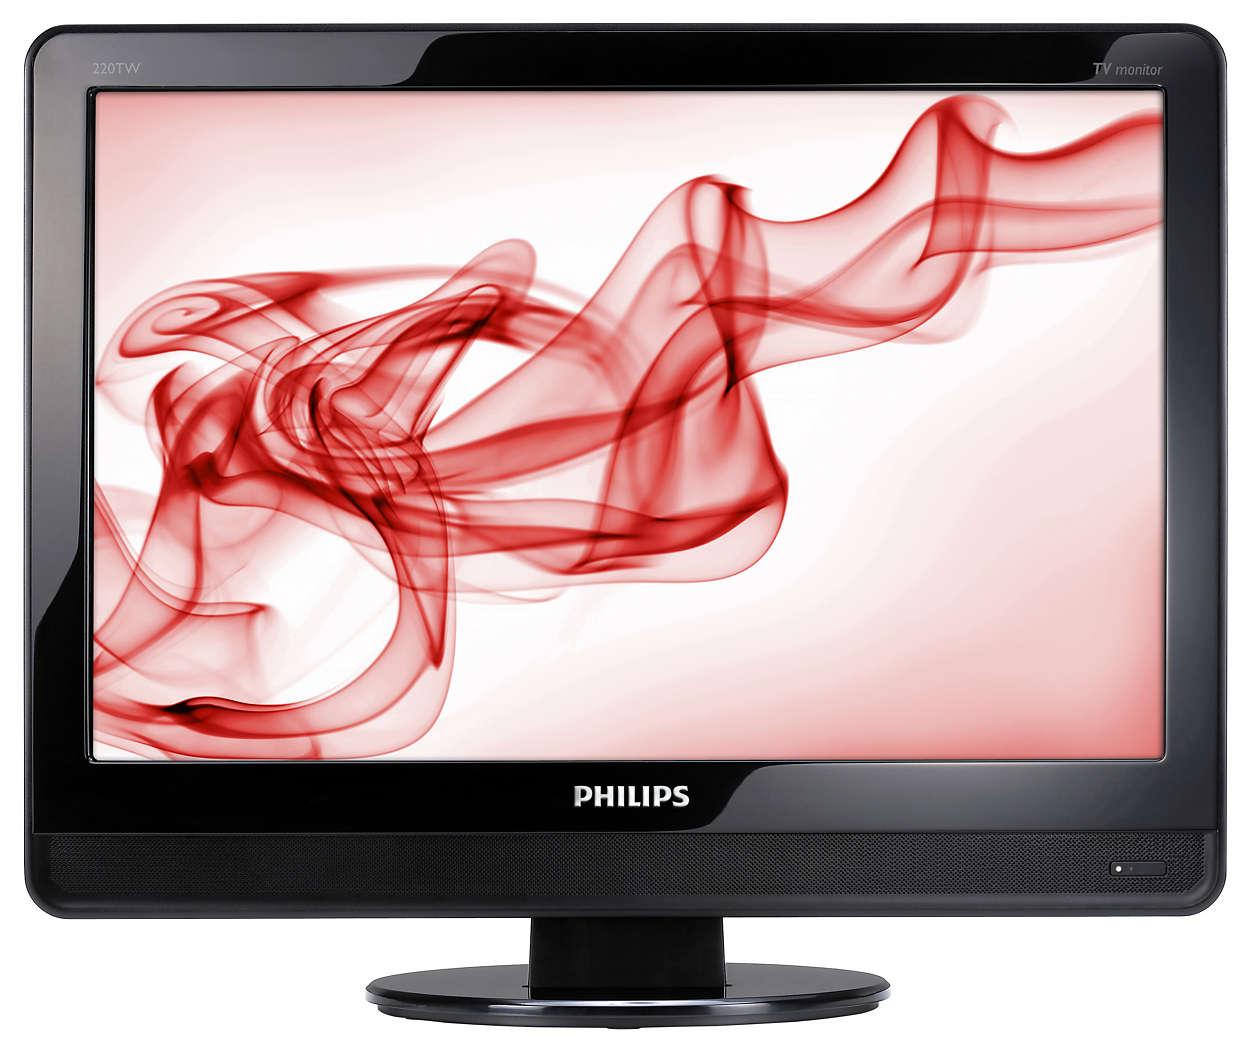 세련된 패키지의 디지털 HD-TV 모니터